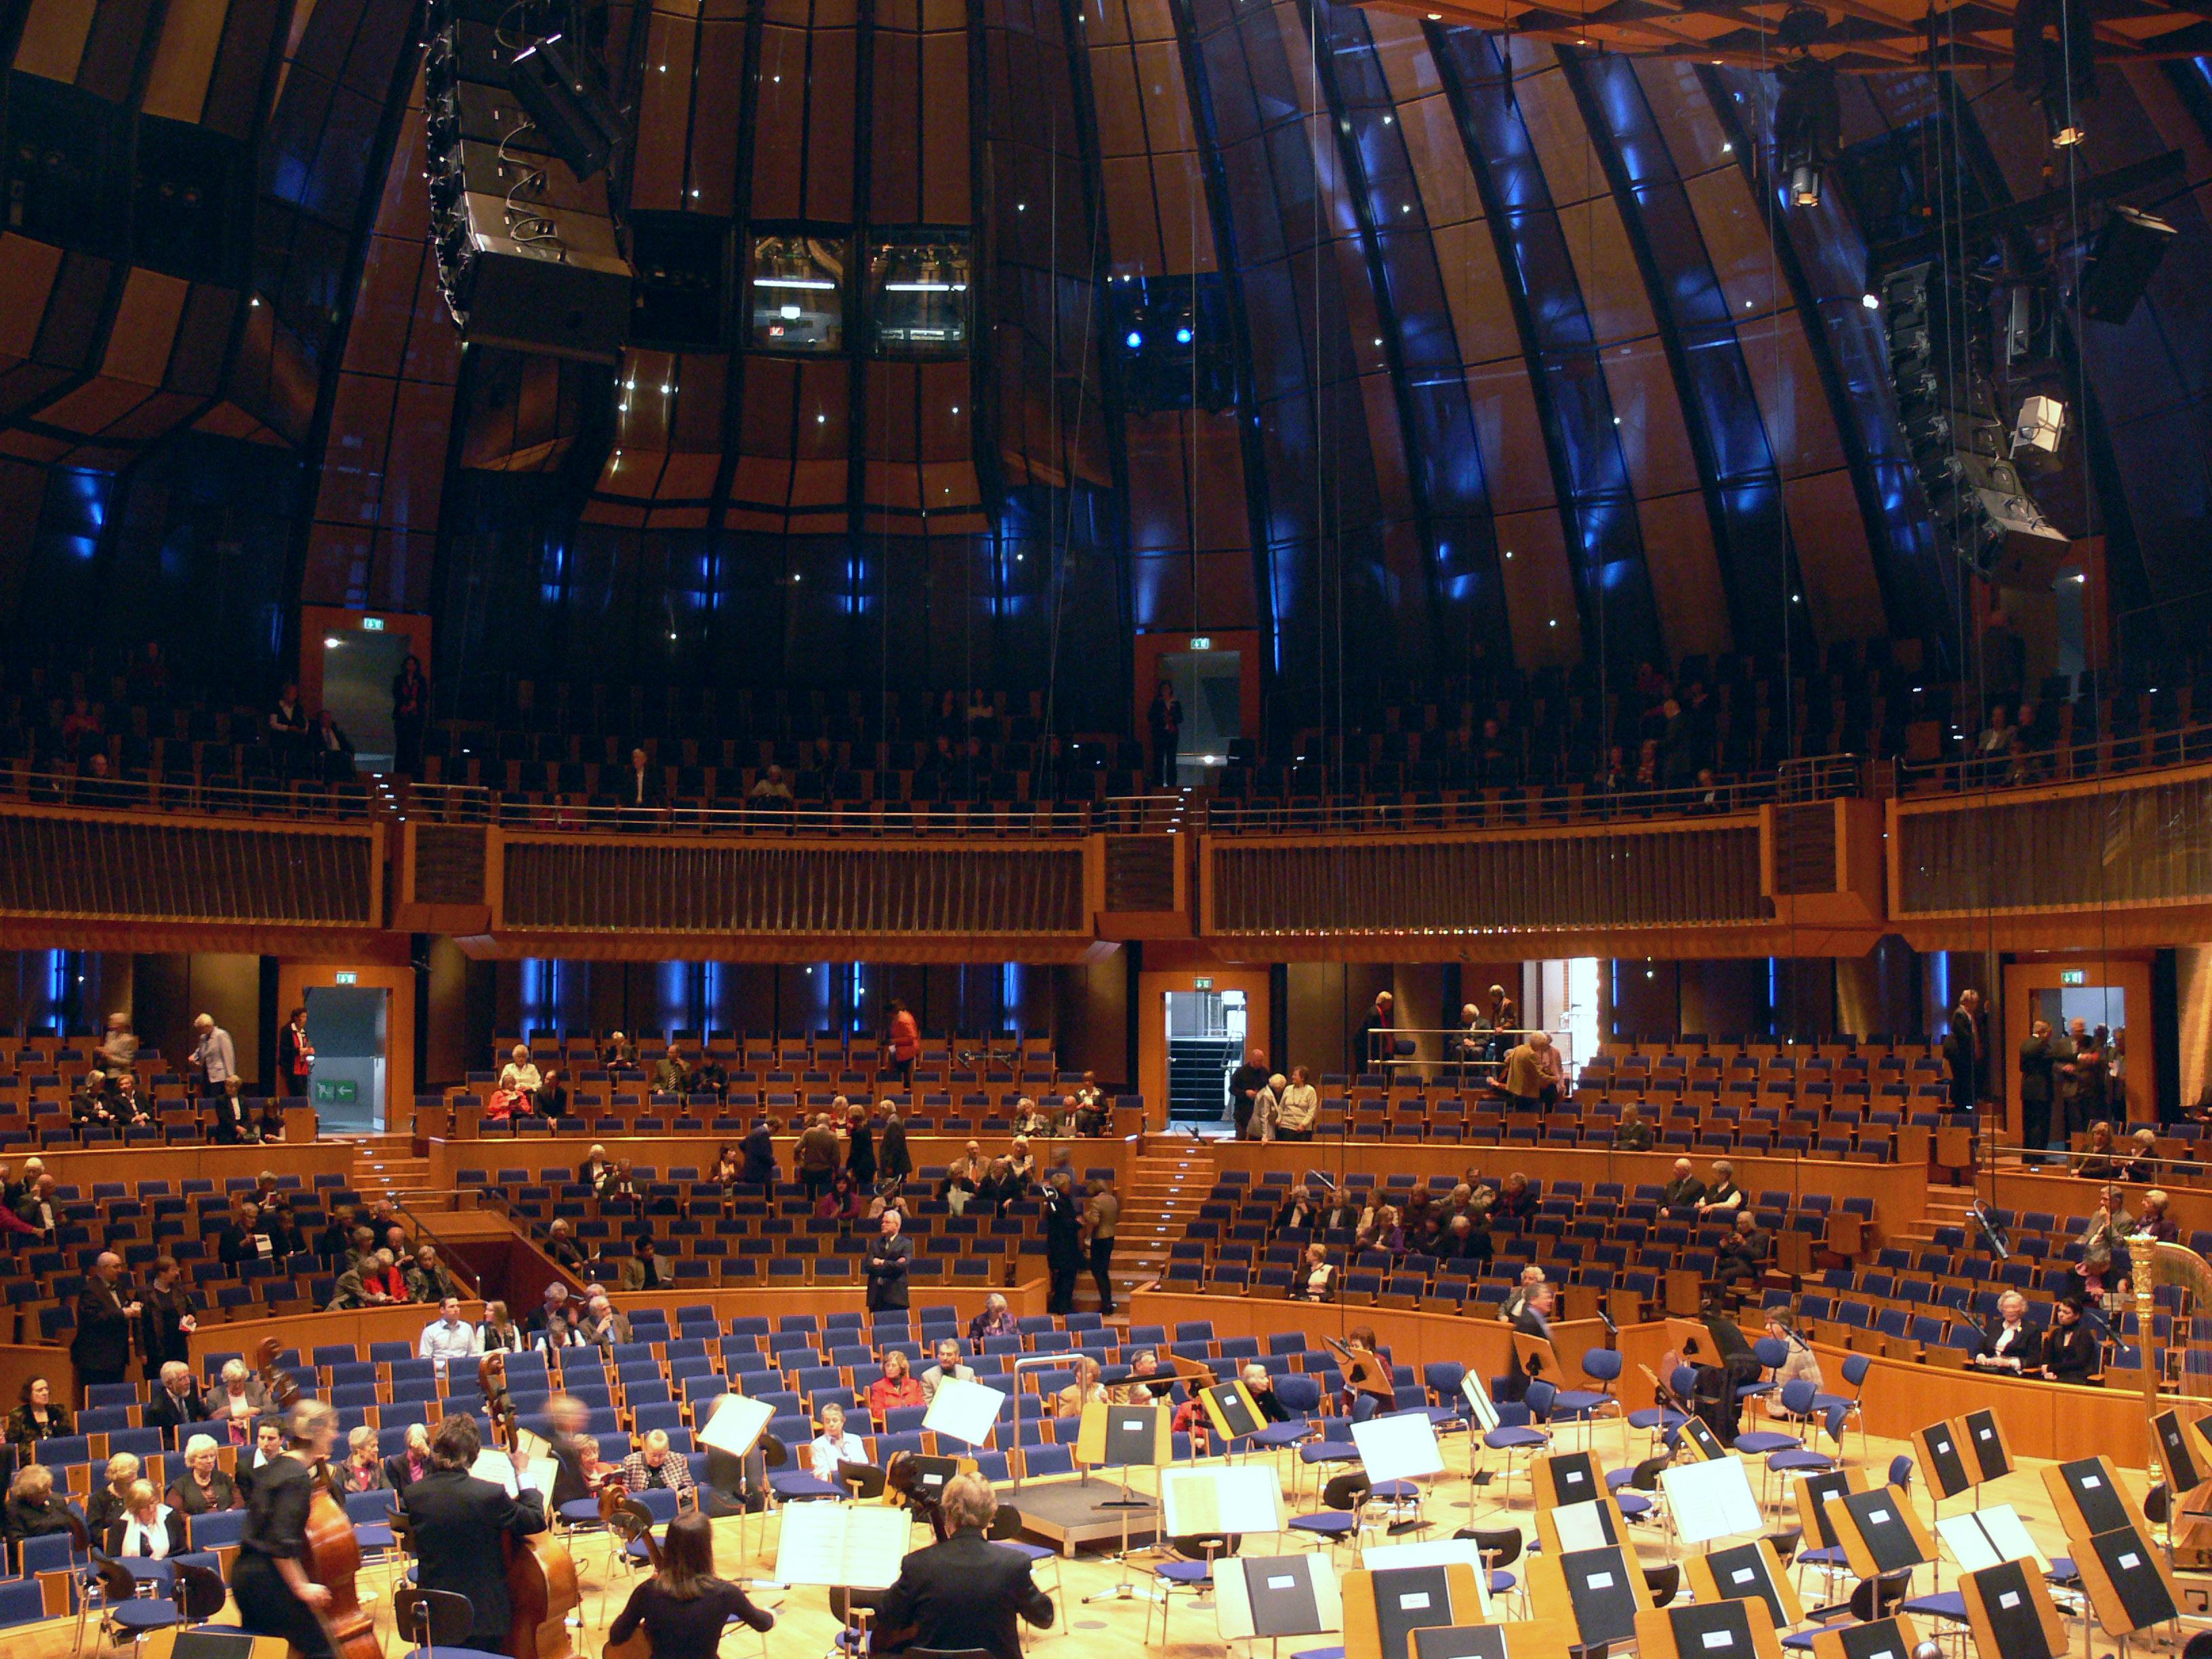 salle concert dusseldorf